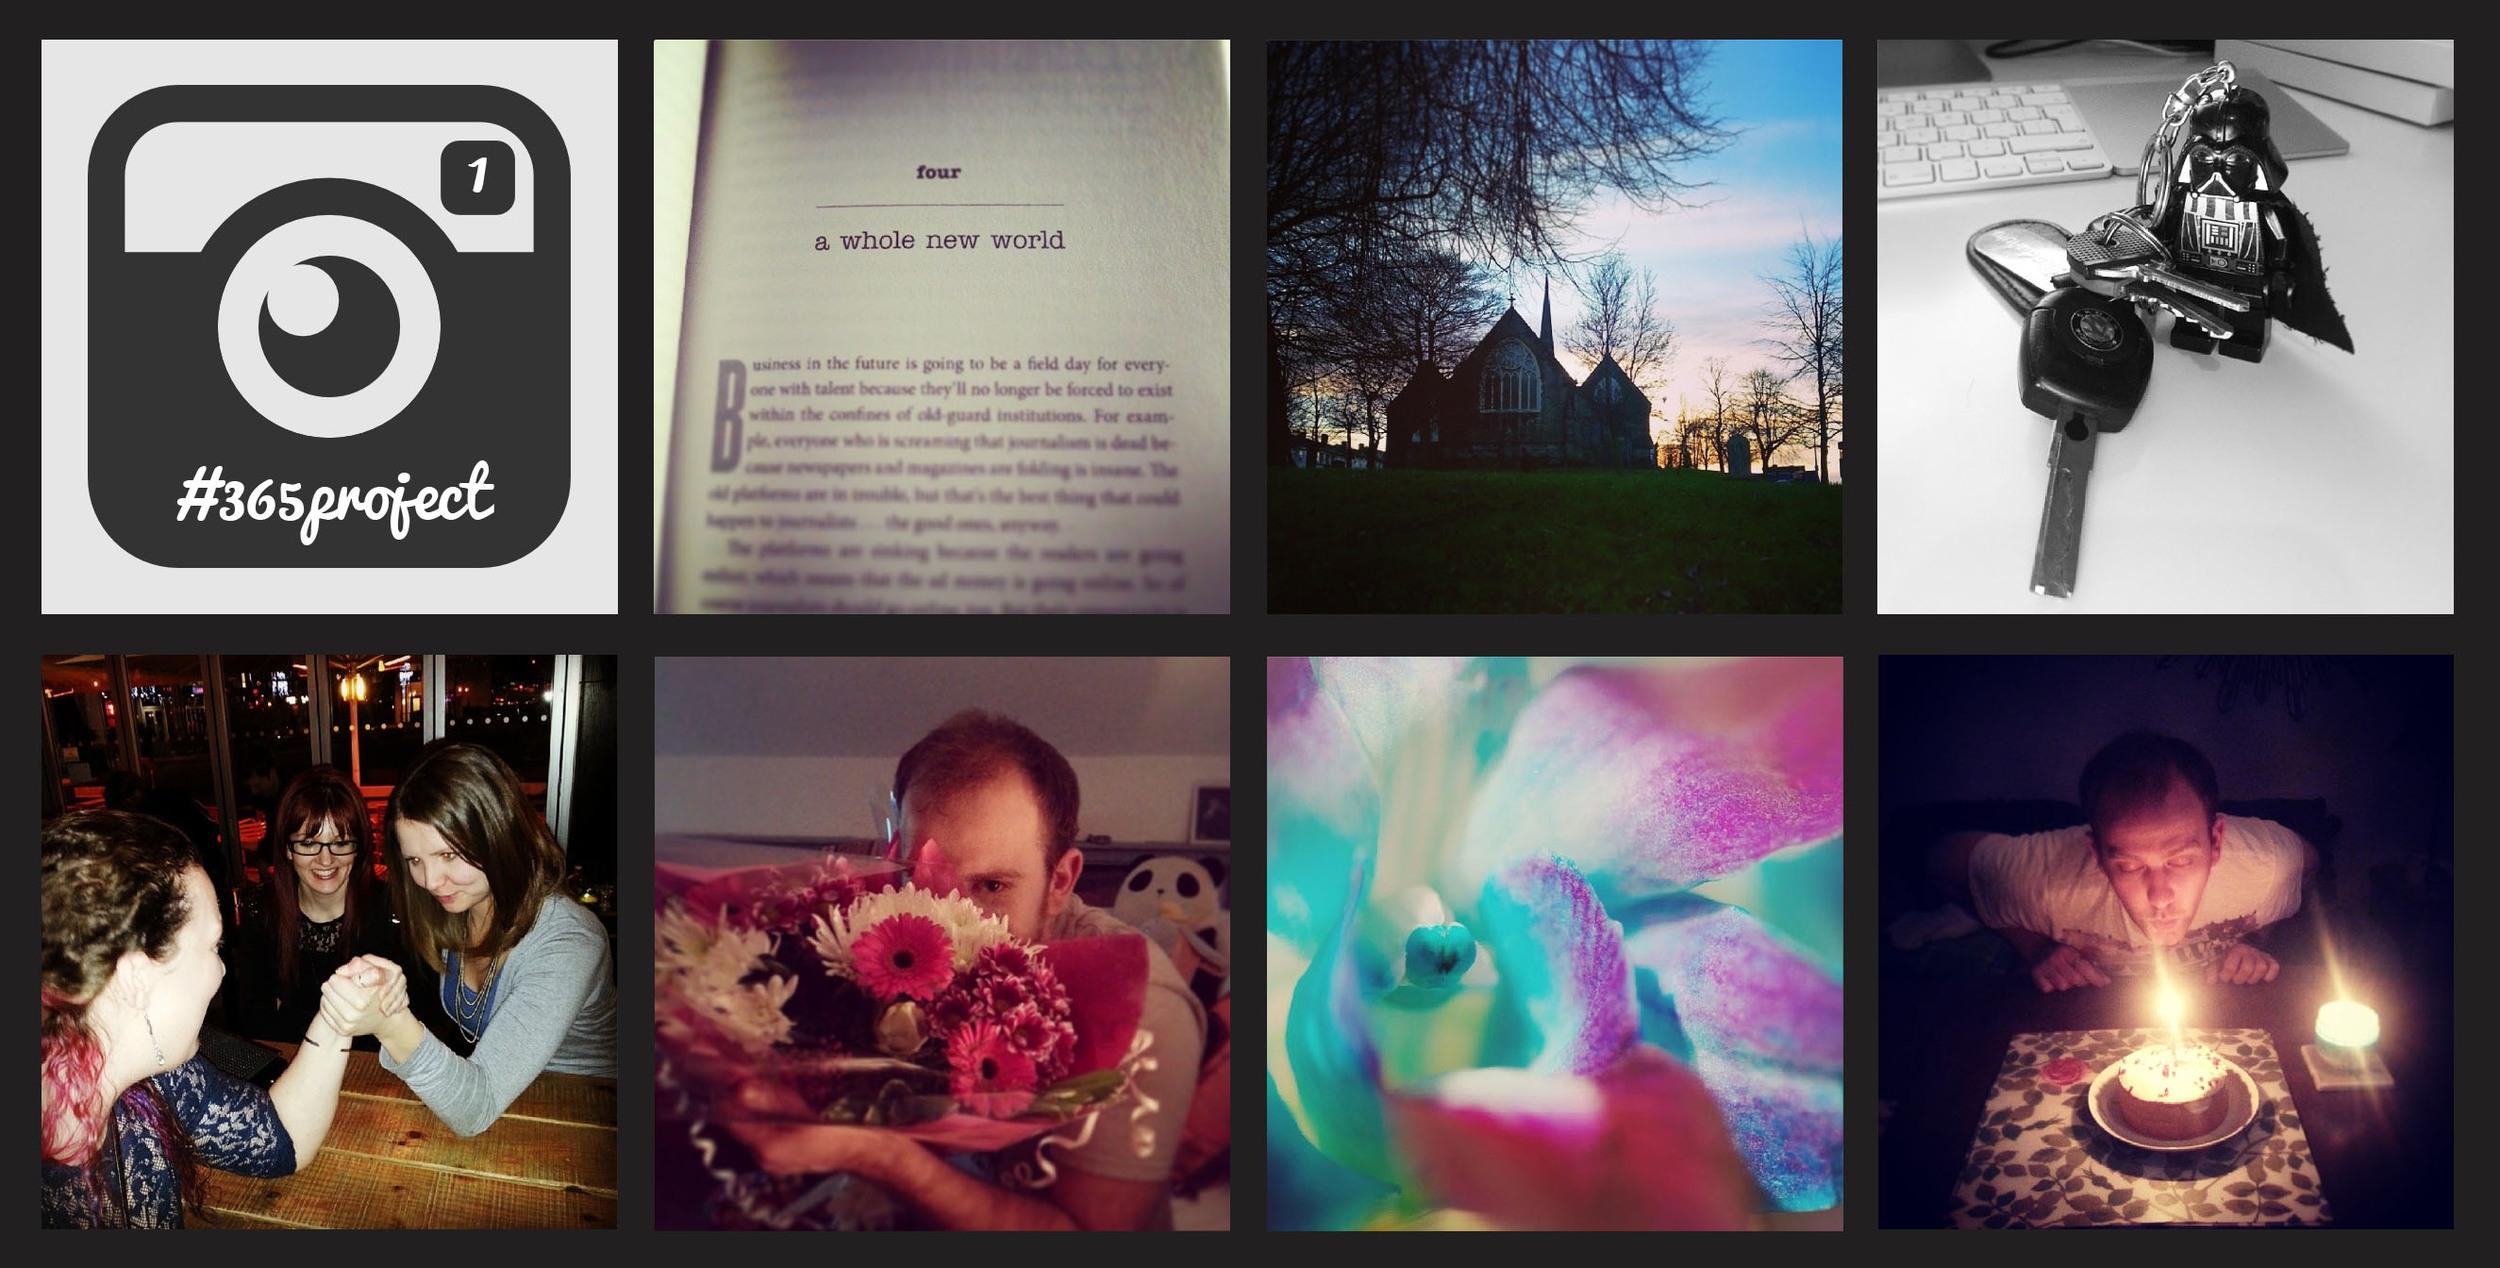 Week 1 of my 365 project on instagram  @nikkicooperx